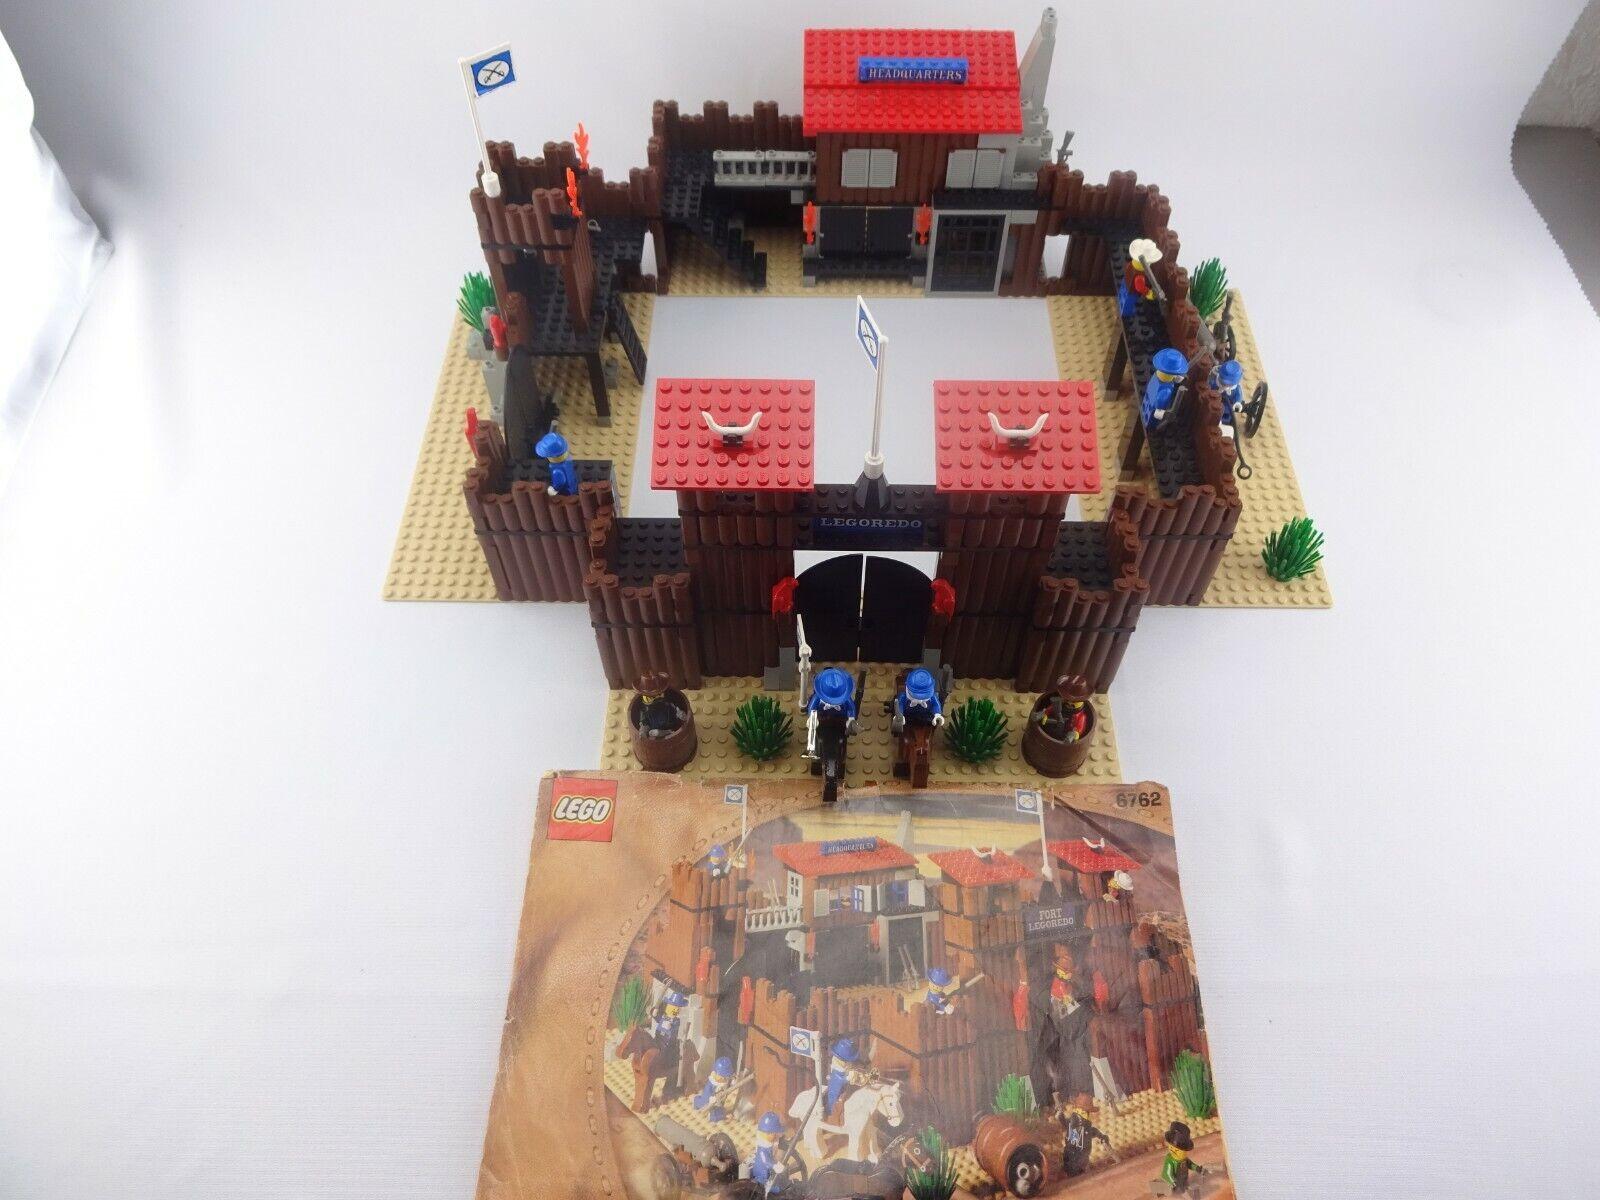 LEGO® Western 6762 Fort LEGGoldtO